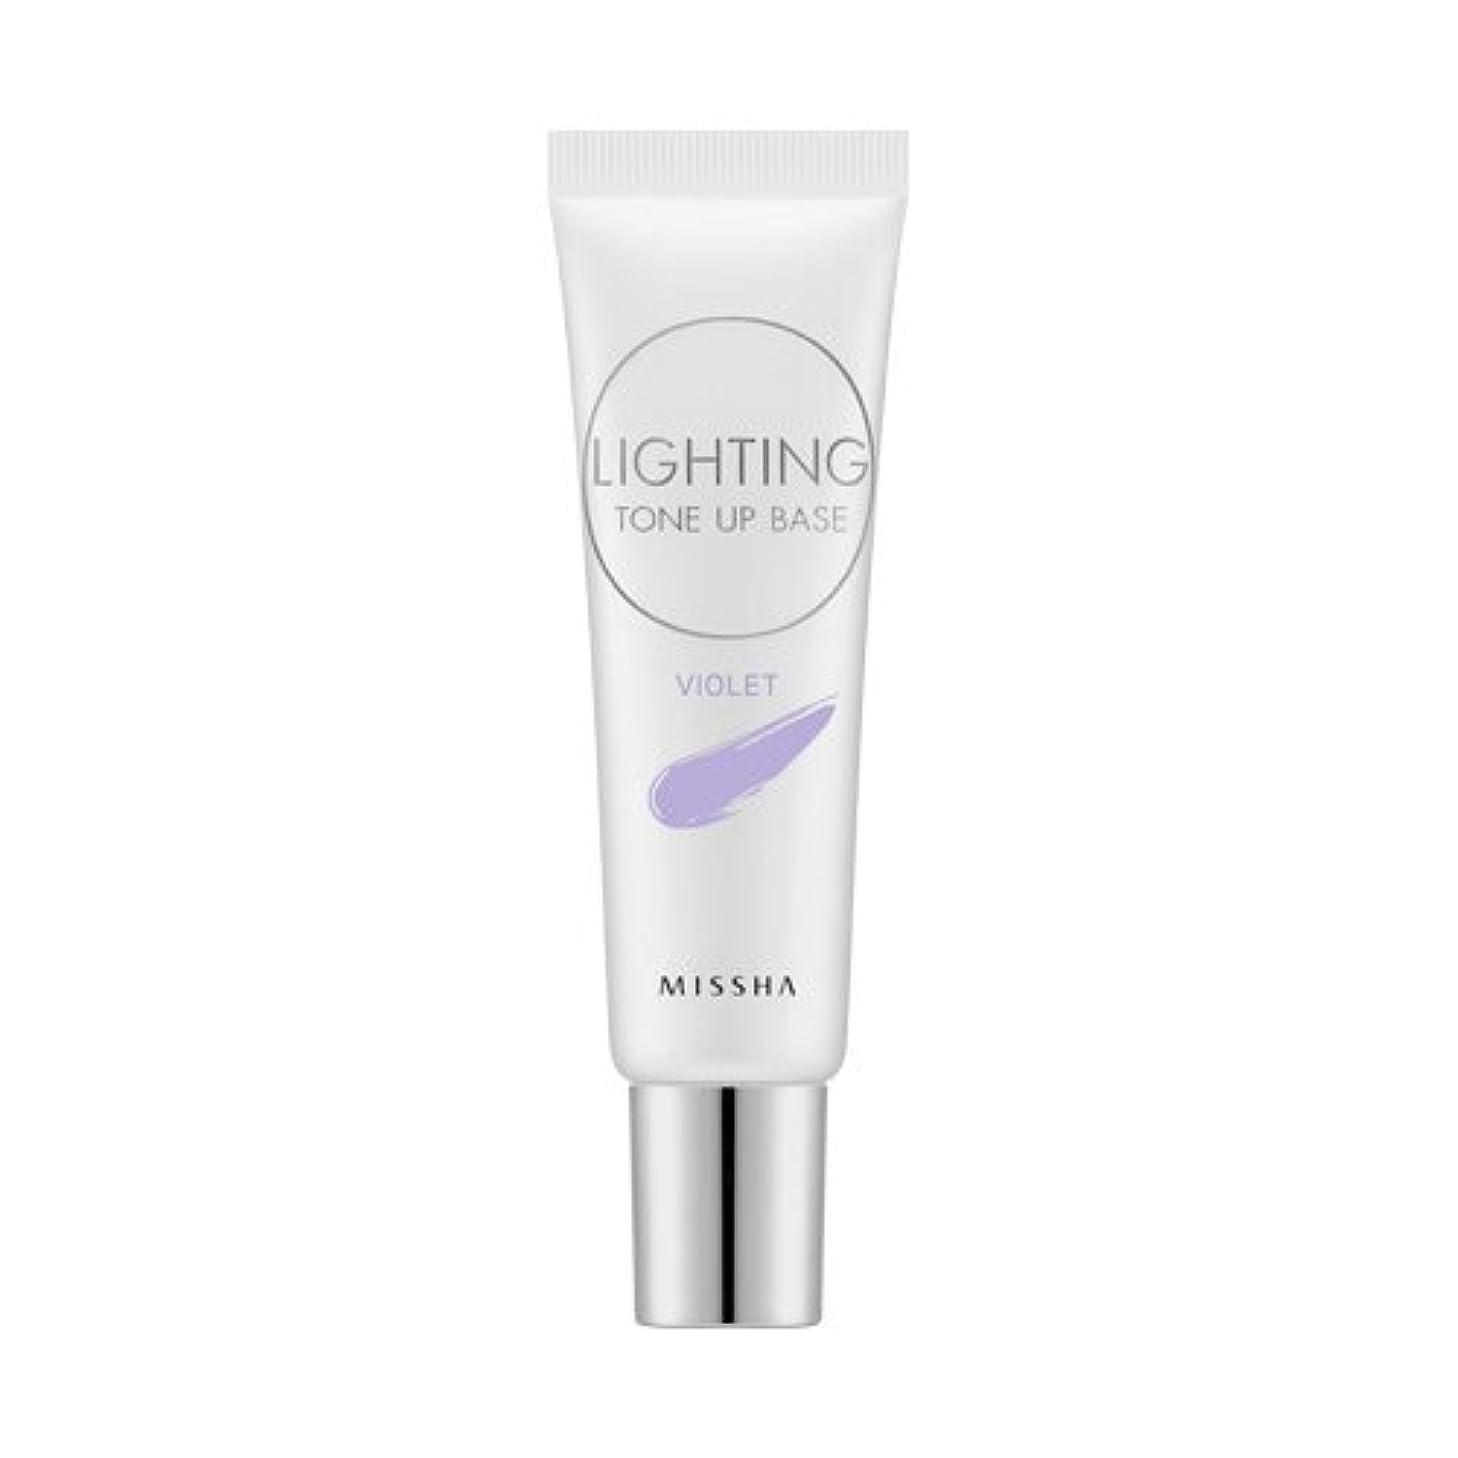 悪性遺伝子作業MISSHA Lighting Tone Up Base 20ml/ミシャ ライティング トーン アップ ベース 20ml (#Violet)